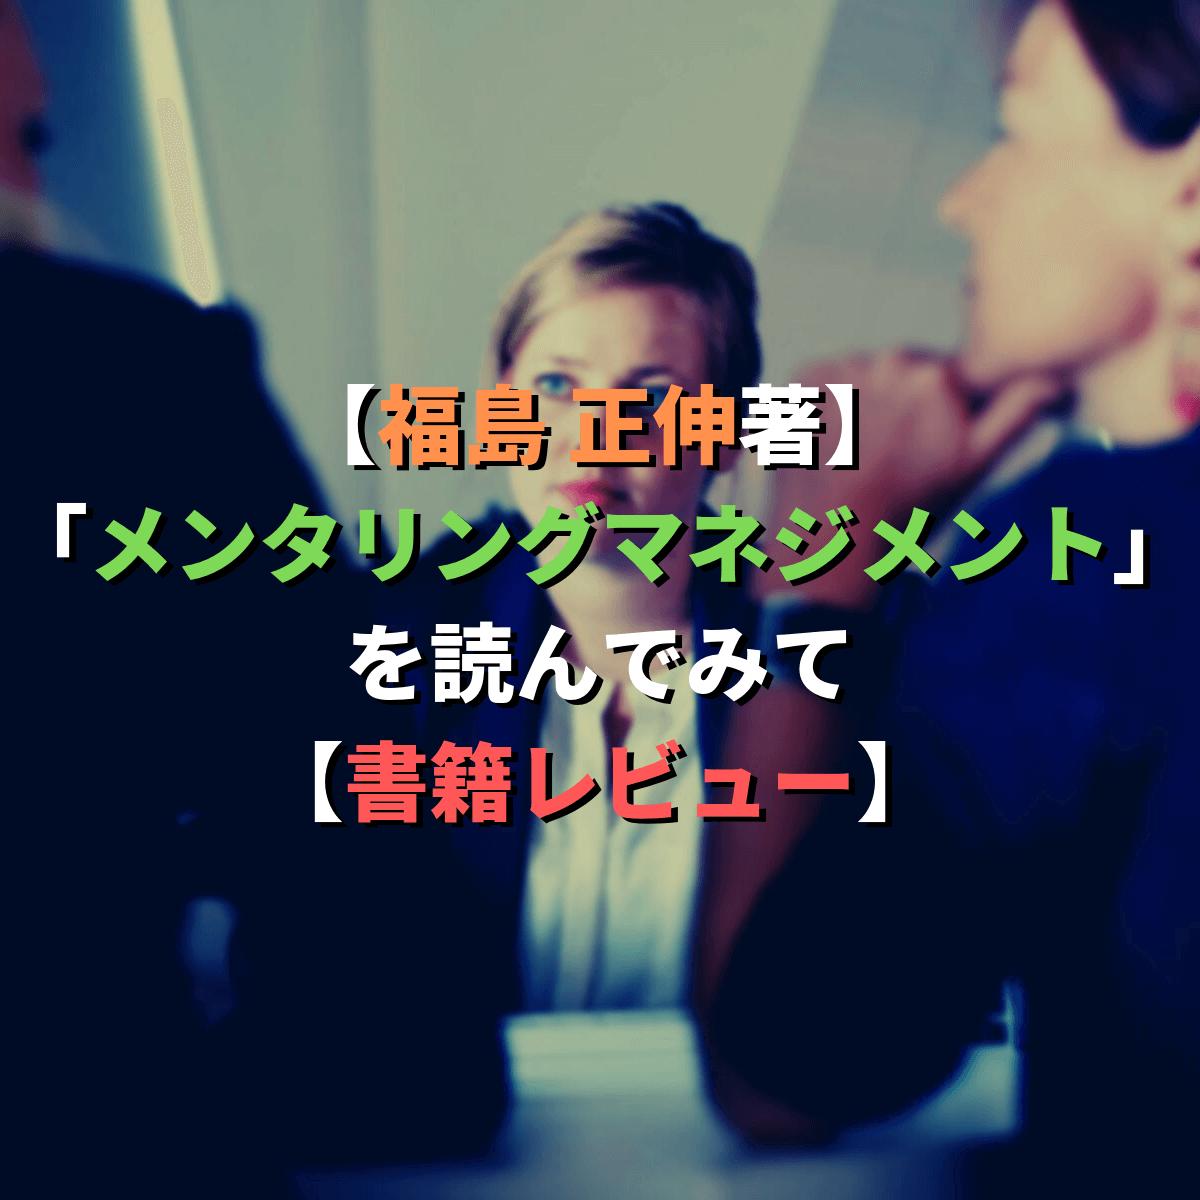 f:id:tosakax:20190726112238p:plain